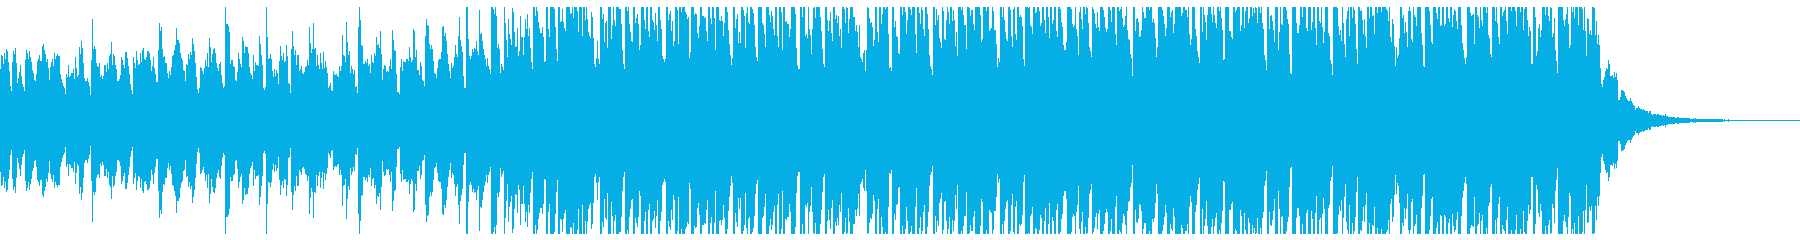 ハッピーサマー(ミディアム)の再生済みの波形